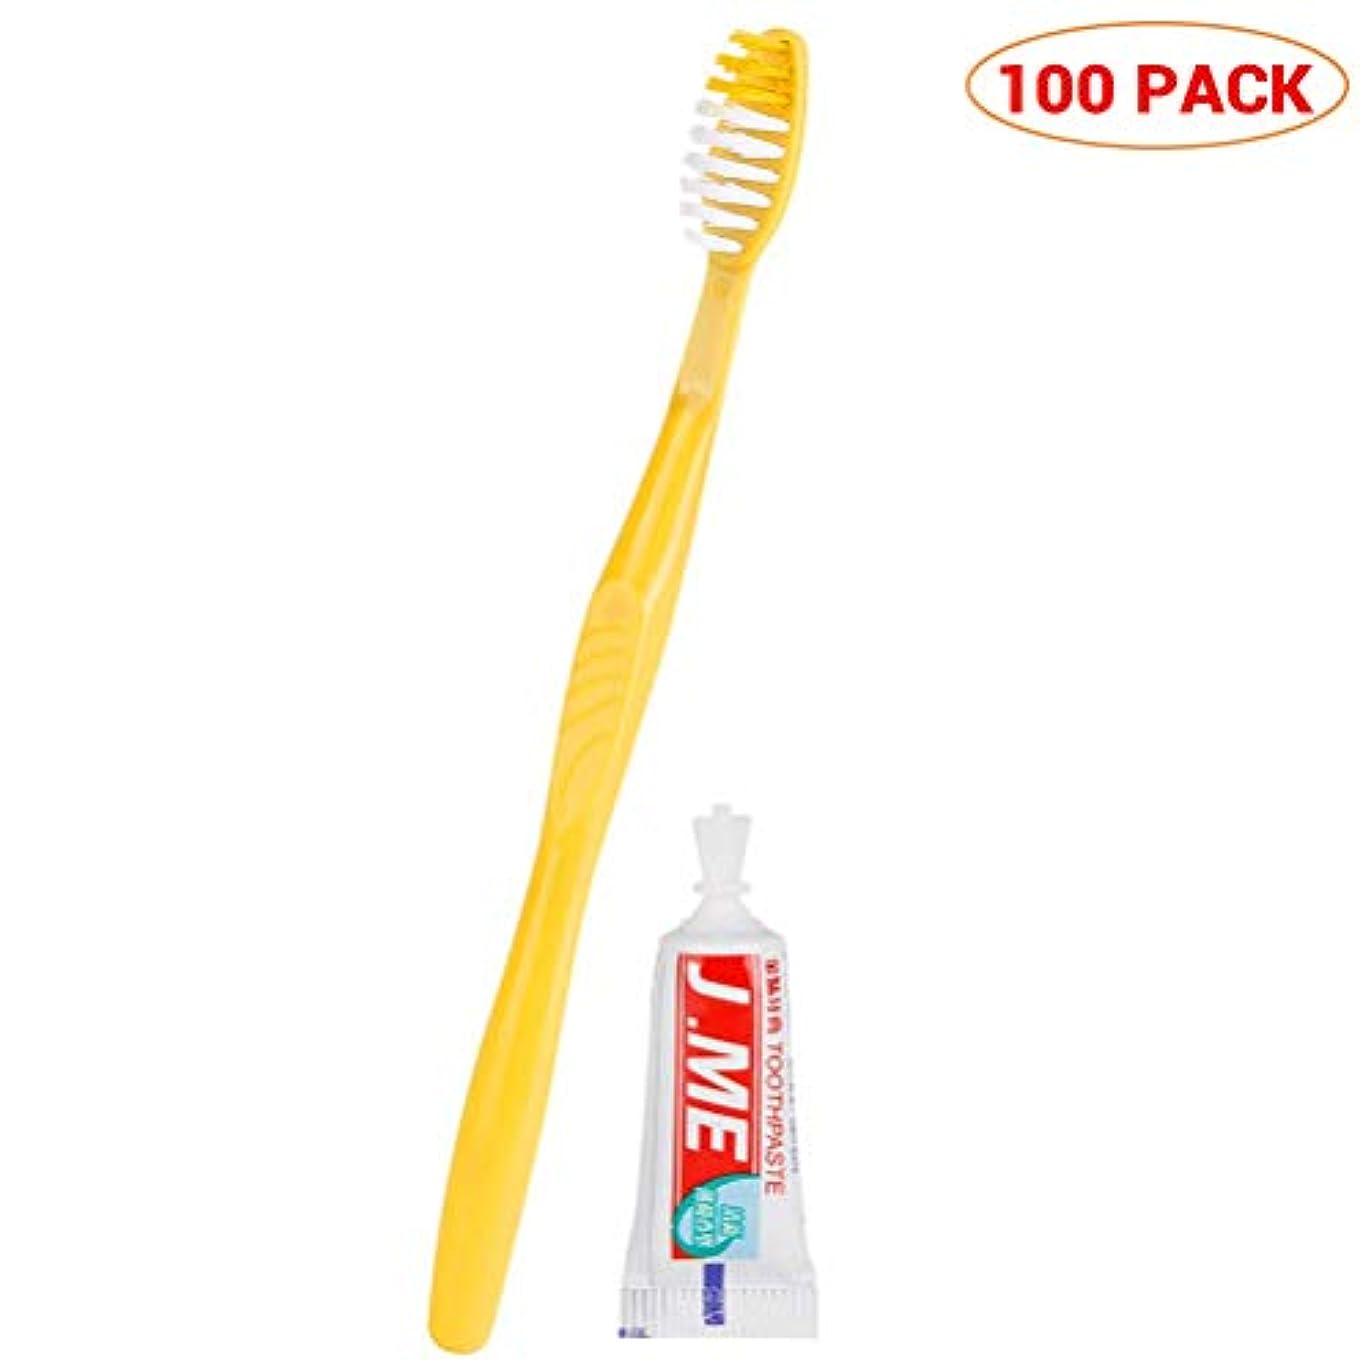 国市場充電URHOMY 100セット歯磨き粉セットポータブル歯磨きキット付き使い捨て歯ブラシ